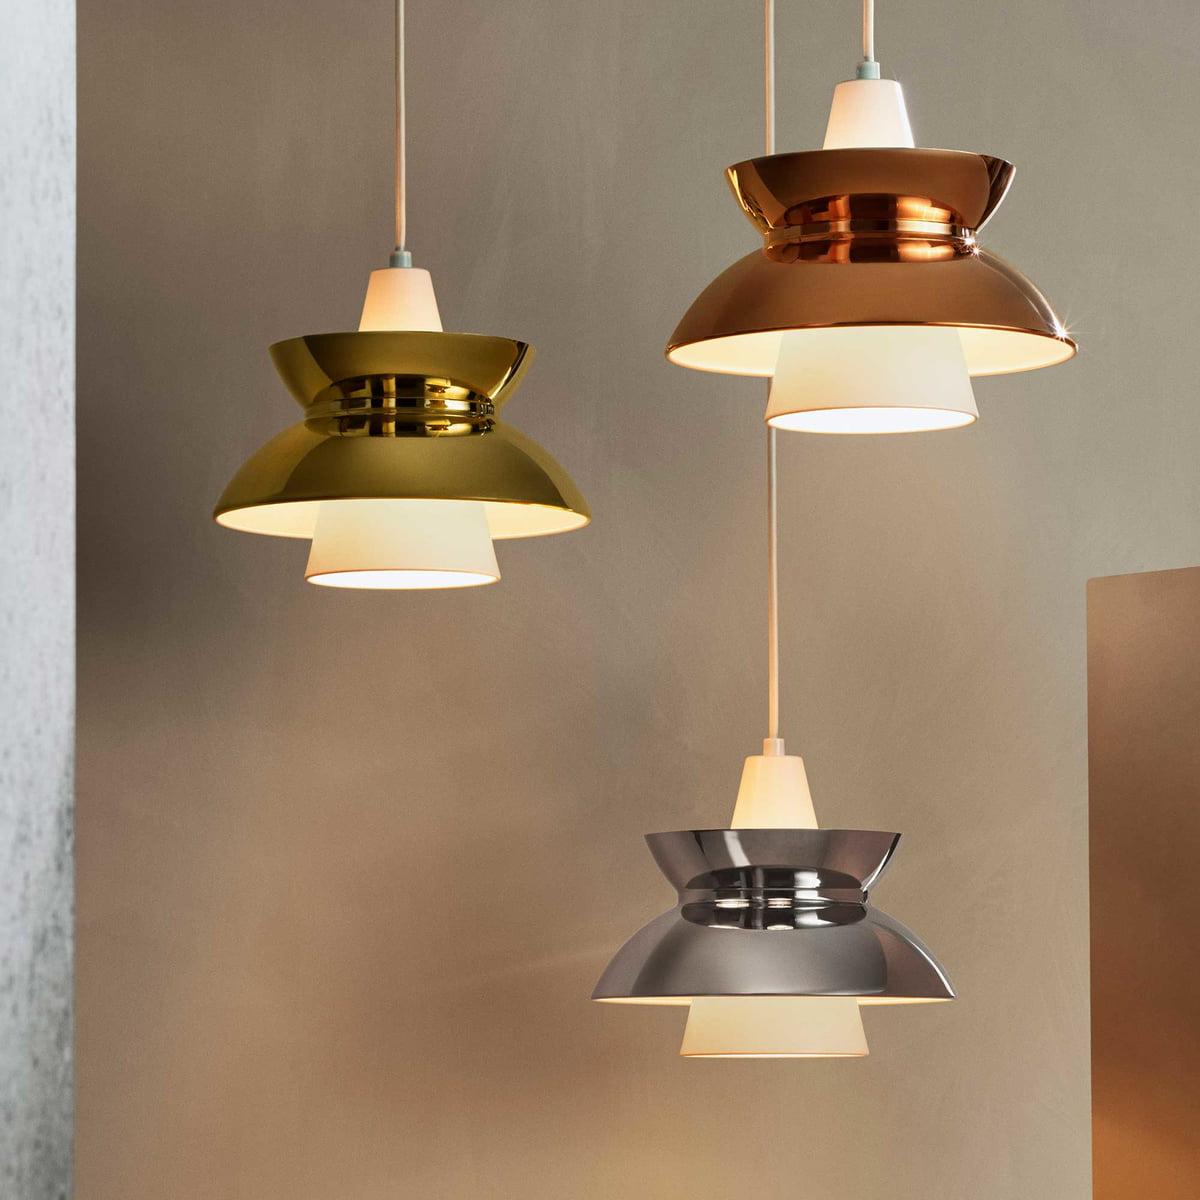 buy the doowop pendant lamp by louis poulsen. Black Bedroom Furniture Sets. Home Design Ideas